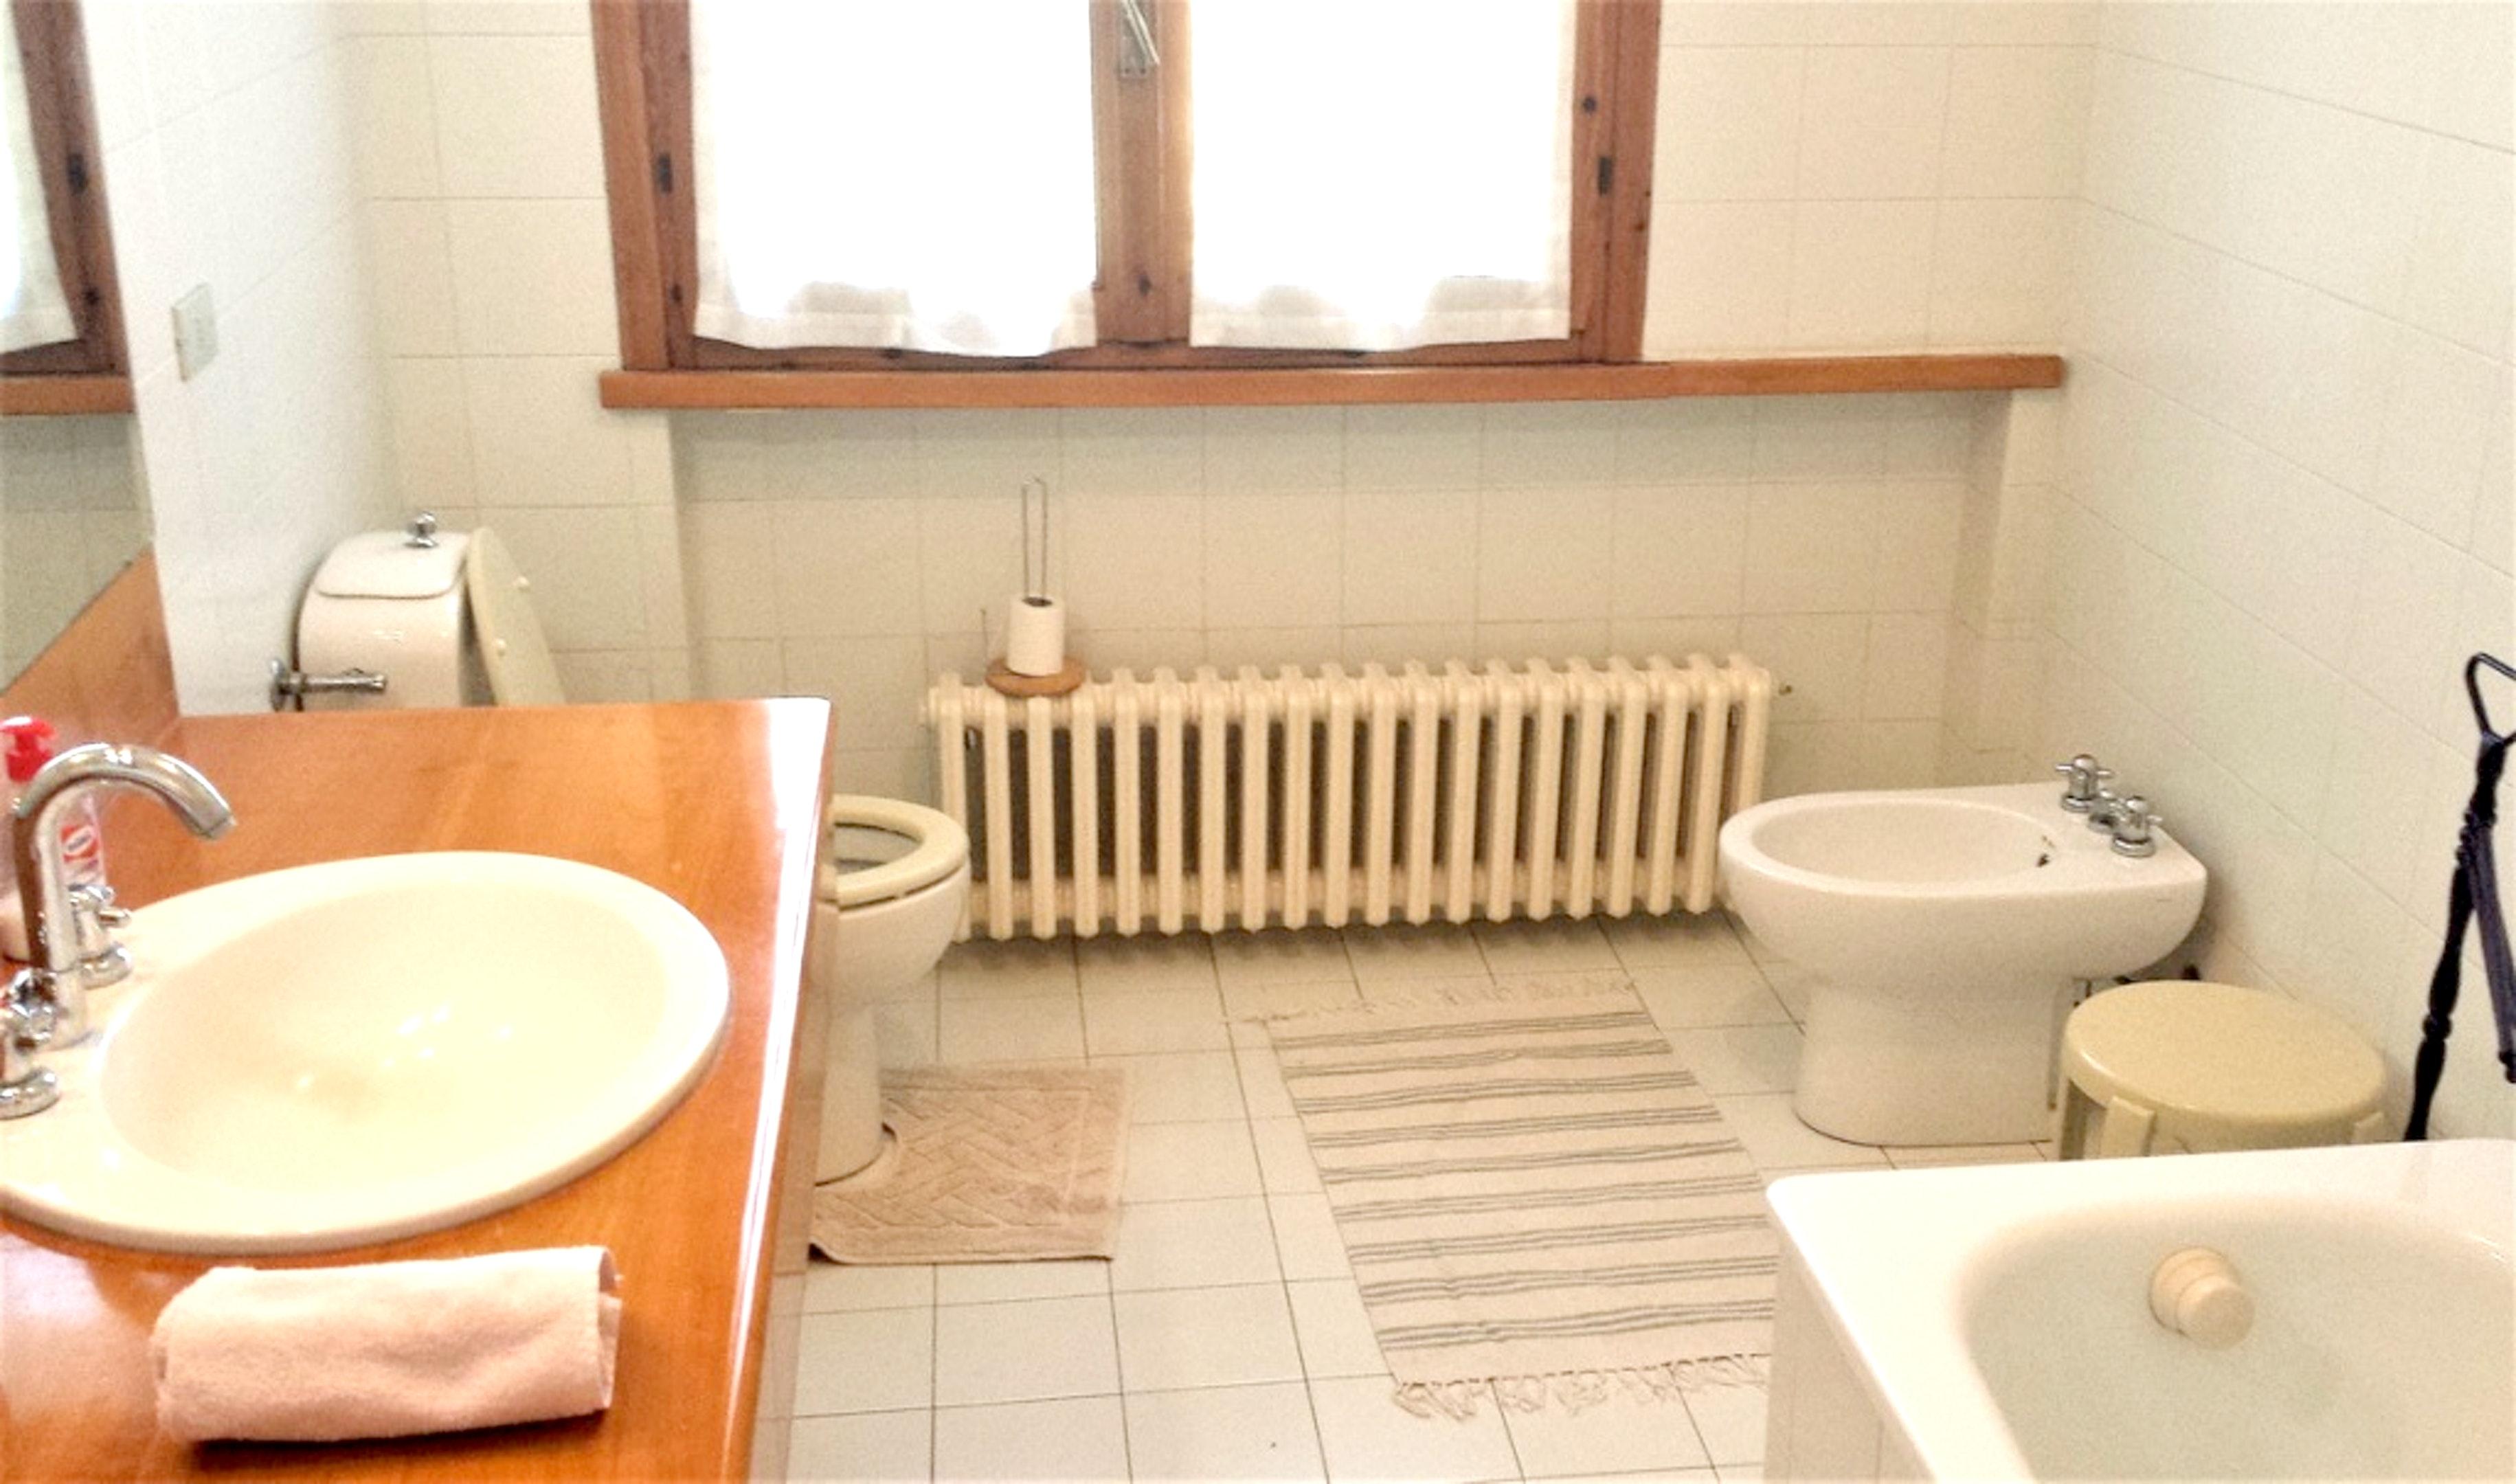 Ferienhaus Villa mit 5 Schlafzimmern in Pesaro mit privatem Pool, eingezäuntem Garten und W-LAN - 3 k (2202299), Pesaro, Pesaro und Urbino, Marken, Italien, Bild 13